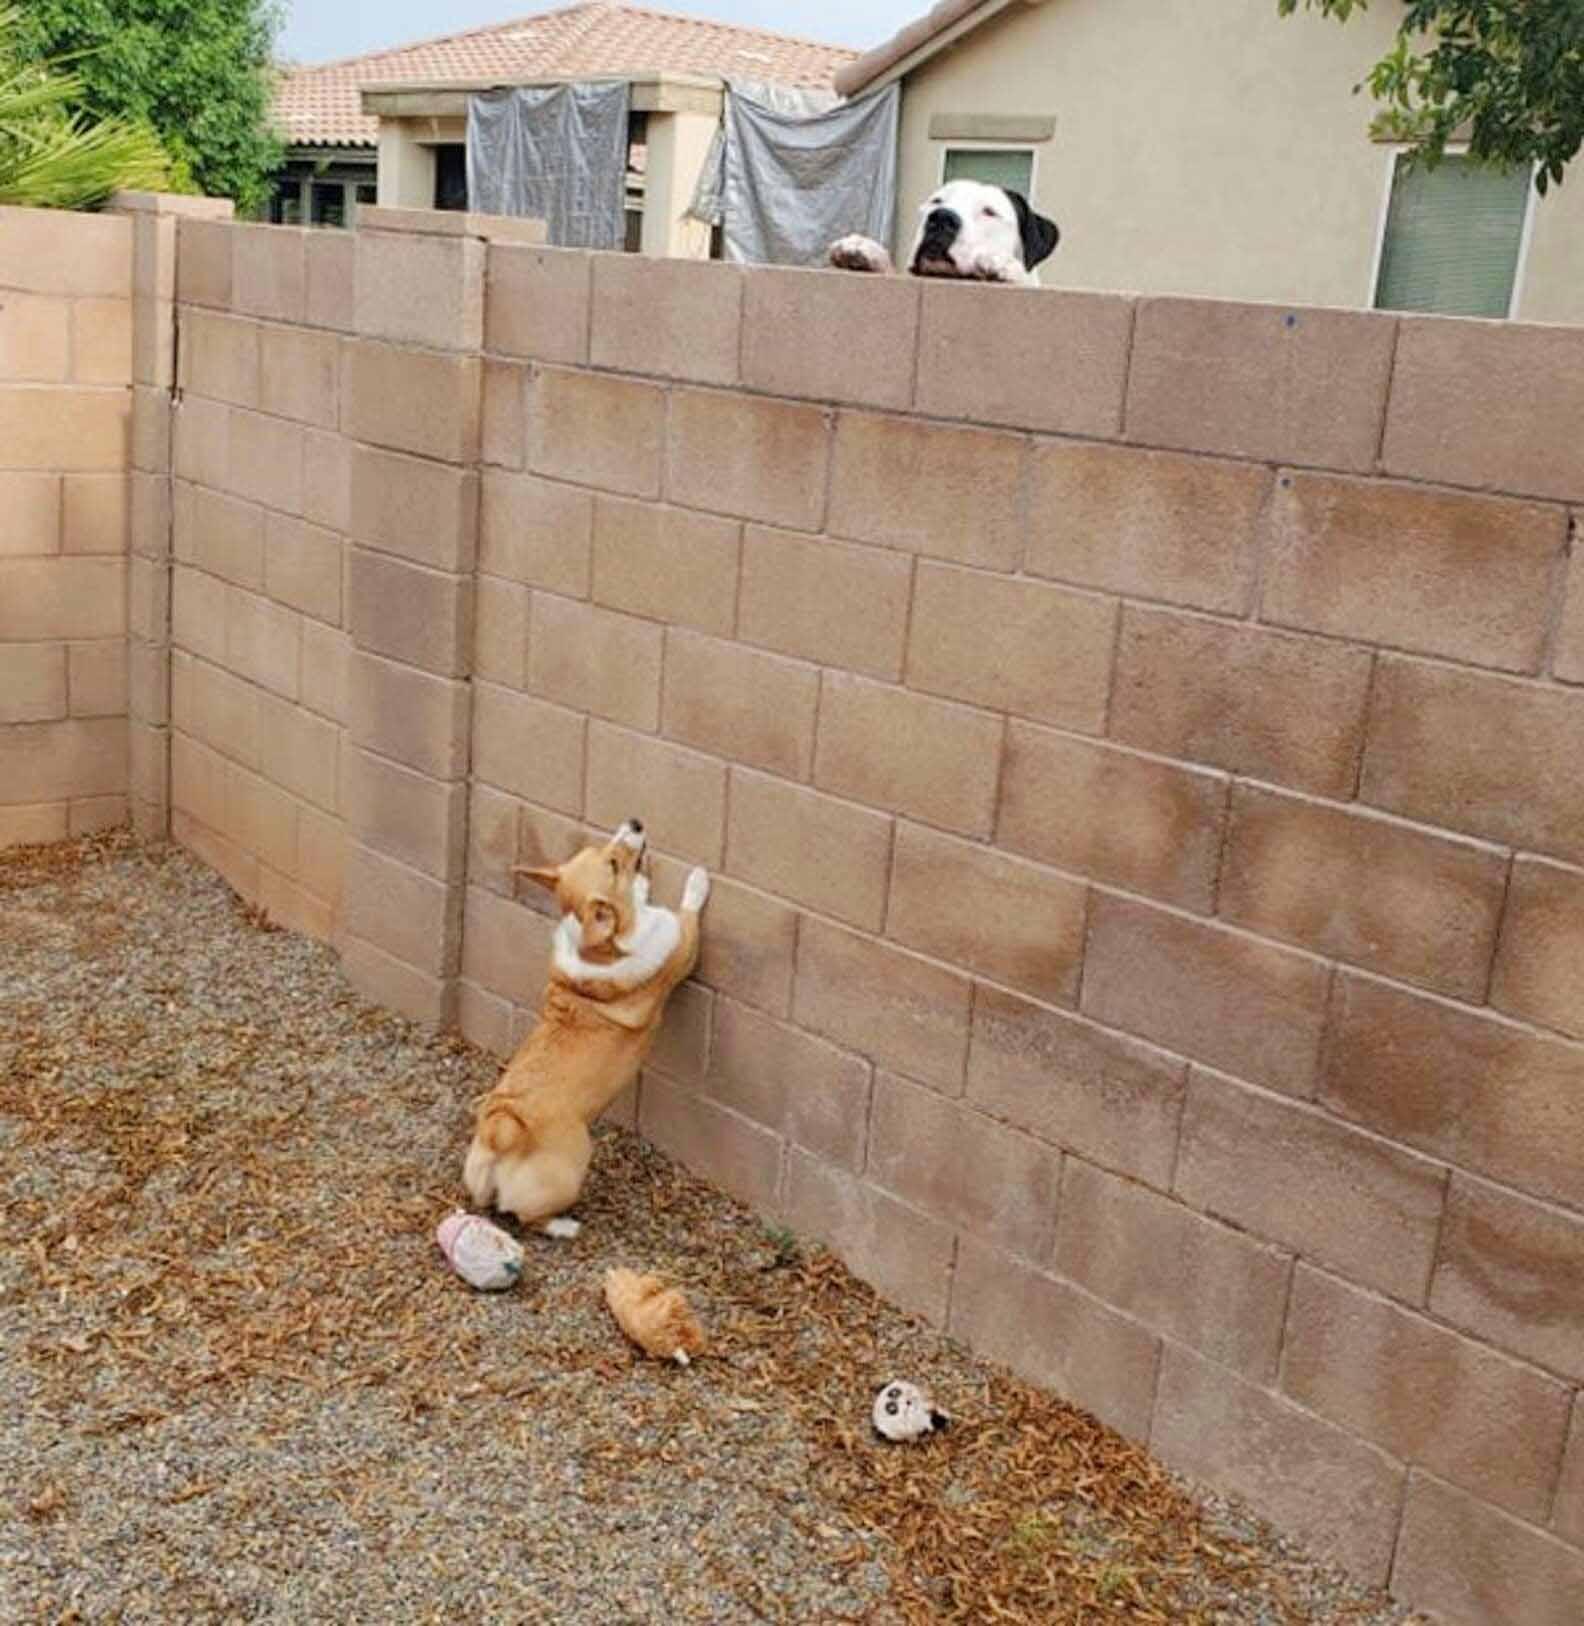 Perrito teniendo reuniones secretas con el perro vecino